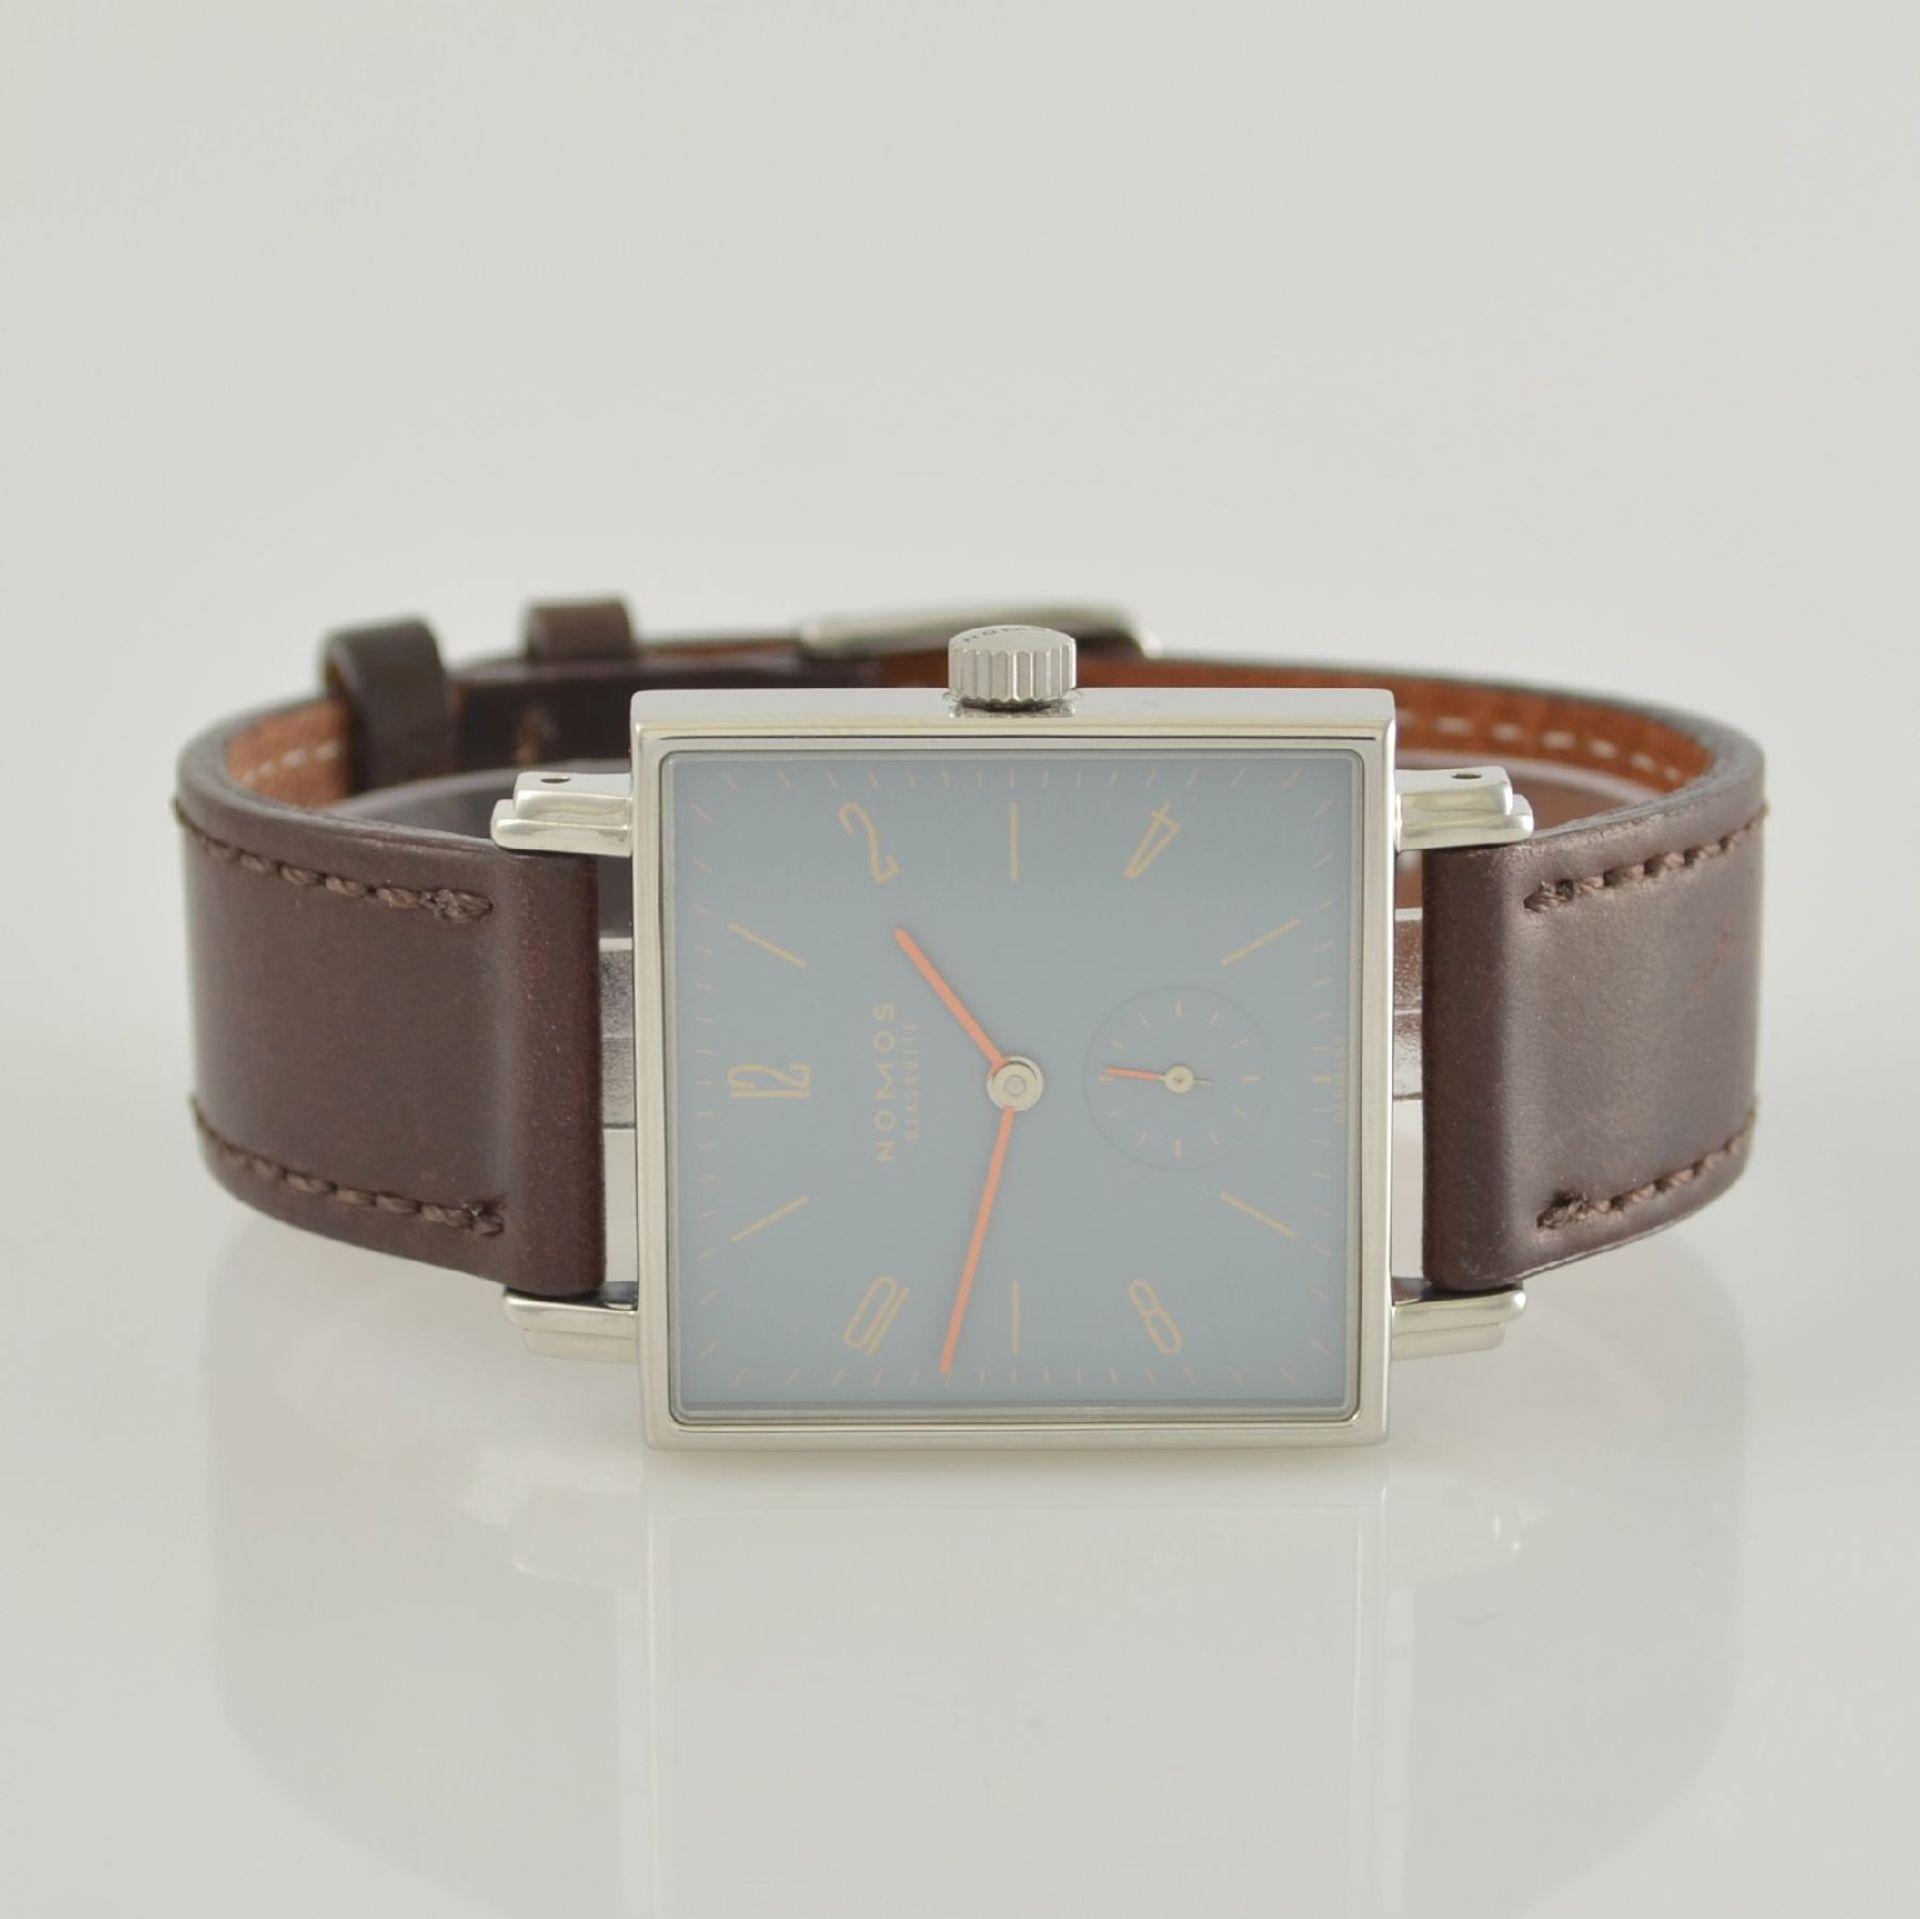 NOMOS Tetra Adonisröschen Armbanduhr in Edelstahl, Deutschland um 2010, Handaufzug, quadratisches